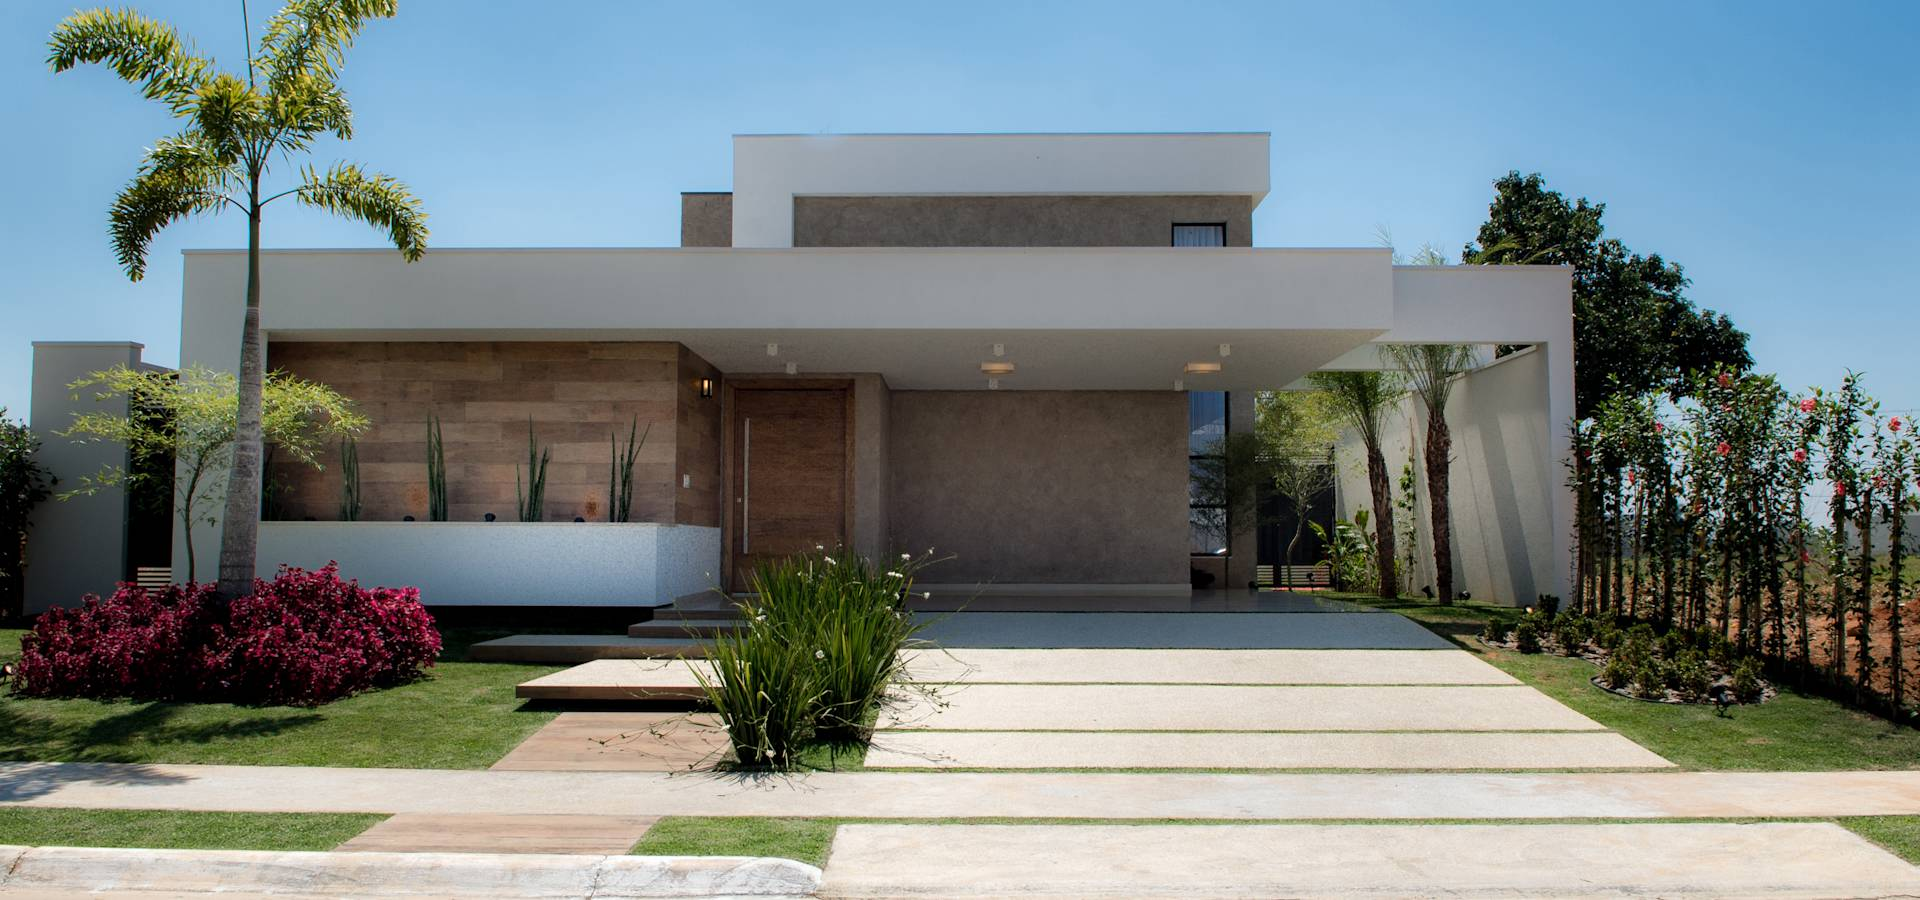 Casa t rrea contempor nea por camila castilho for Casa classica moderna